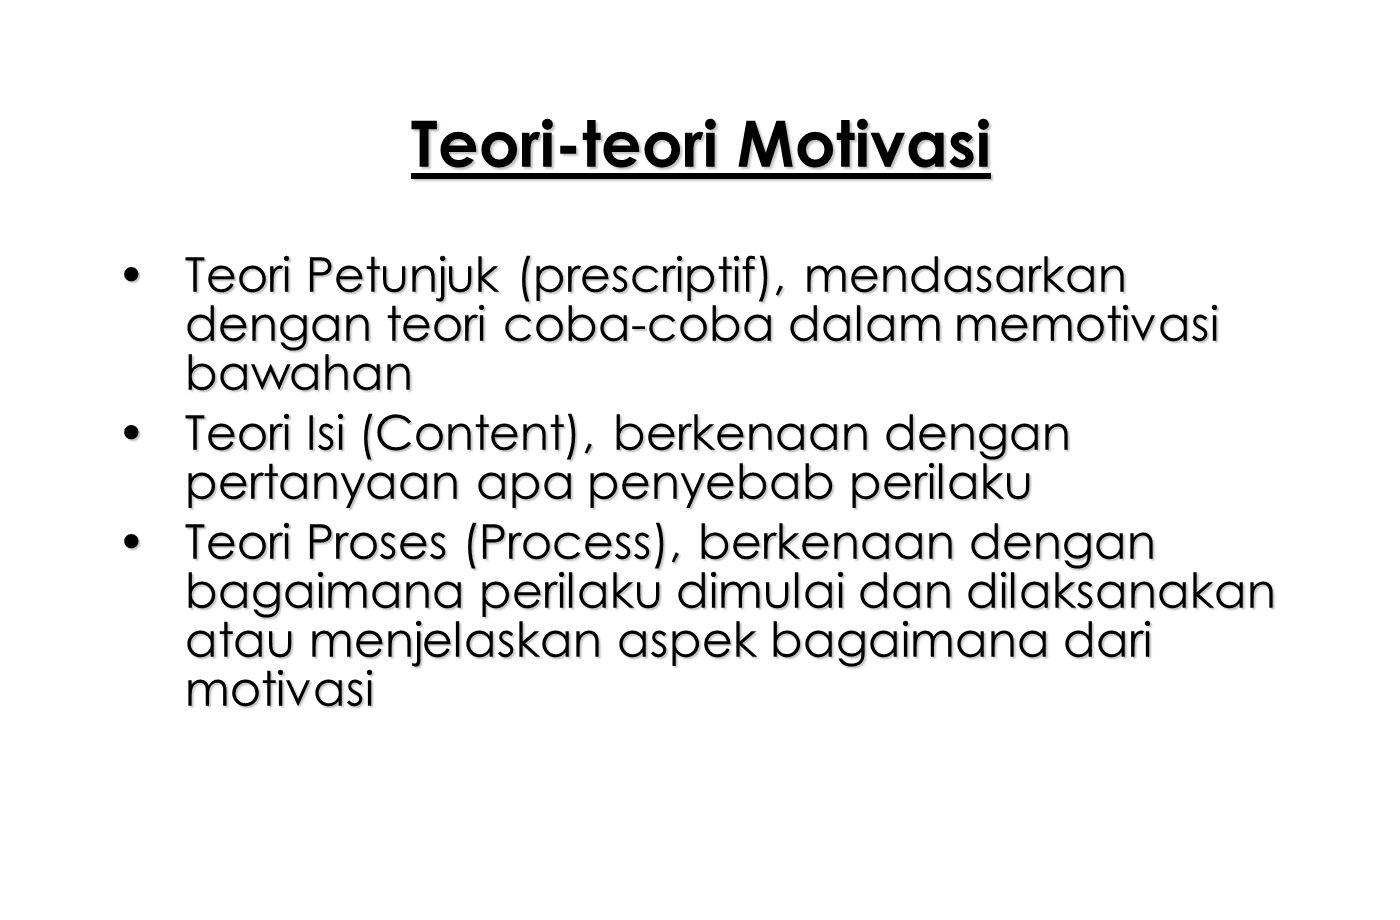 Teori-teori Motivasi Teori Petunjuk (prescriptif), mendasarkan dengan teori coba-coba dalam memotivasi bawahan.